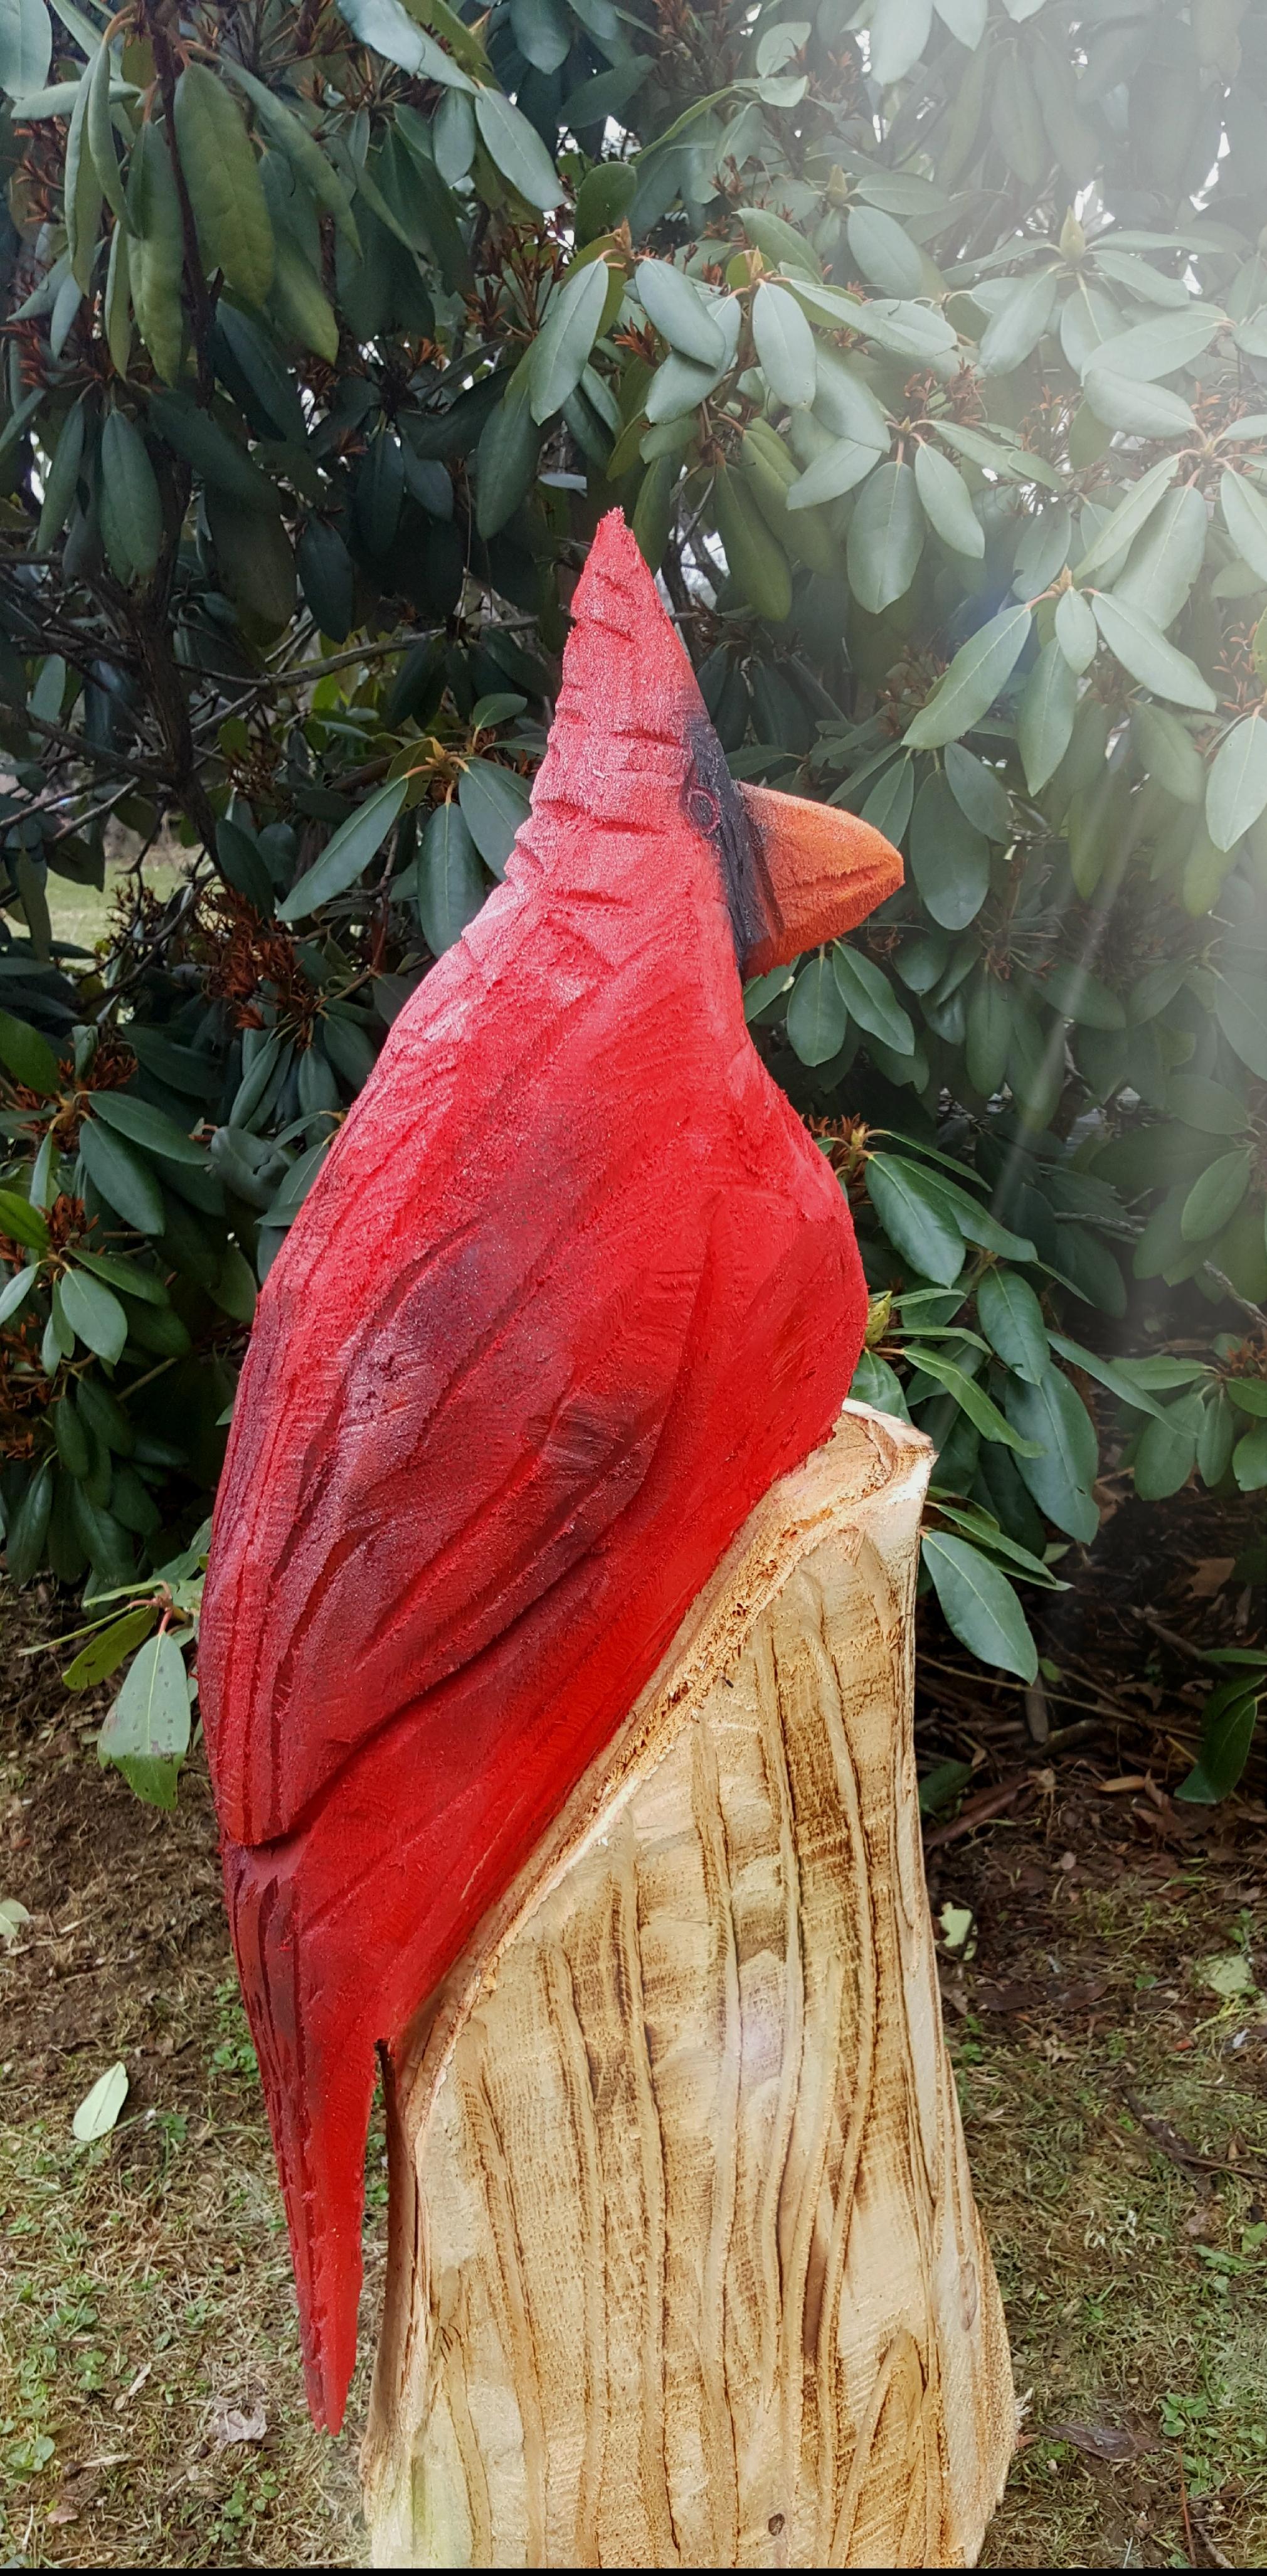 Cardinal Carving